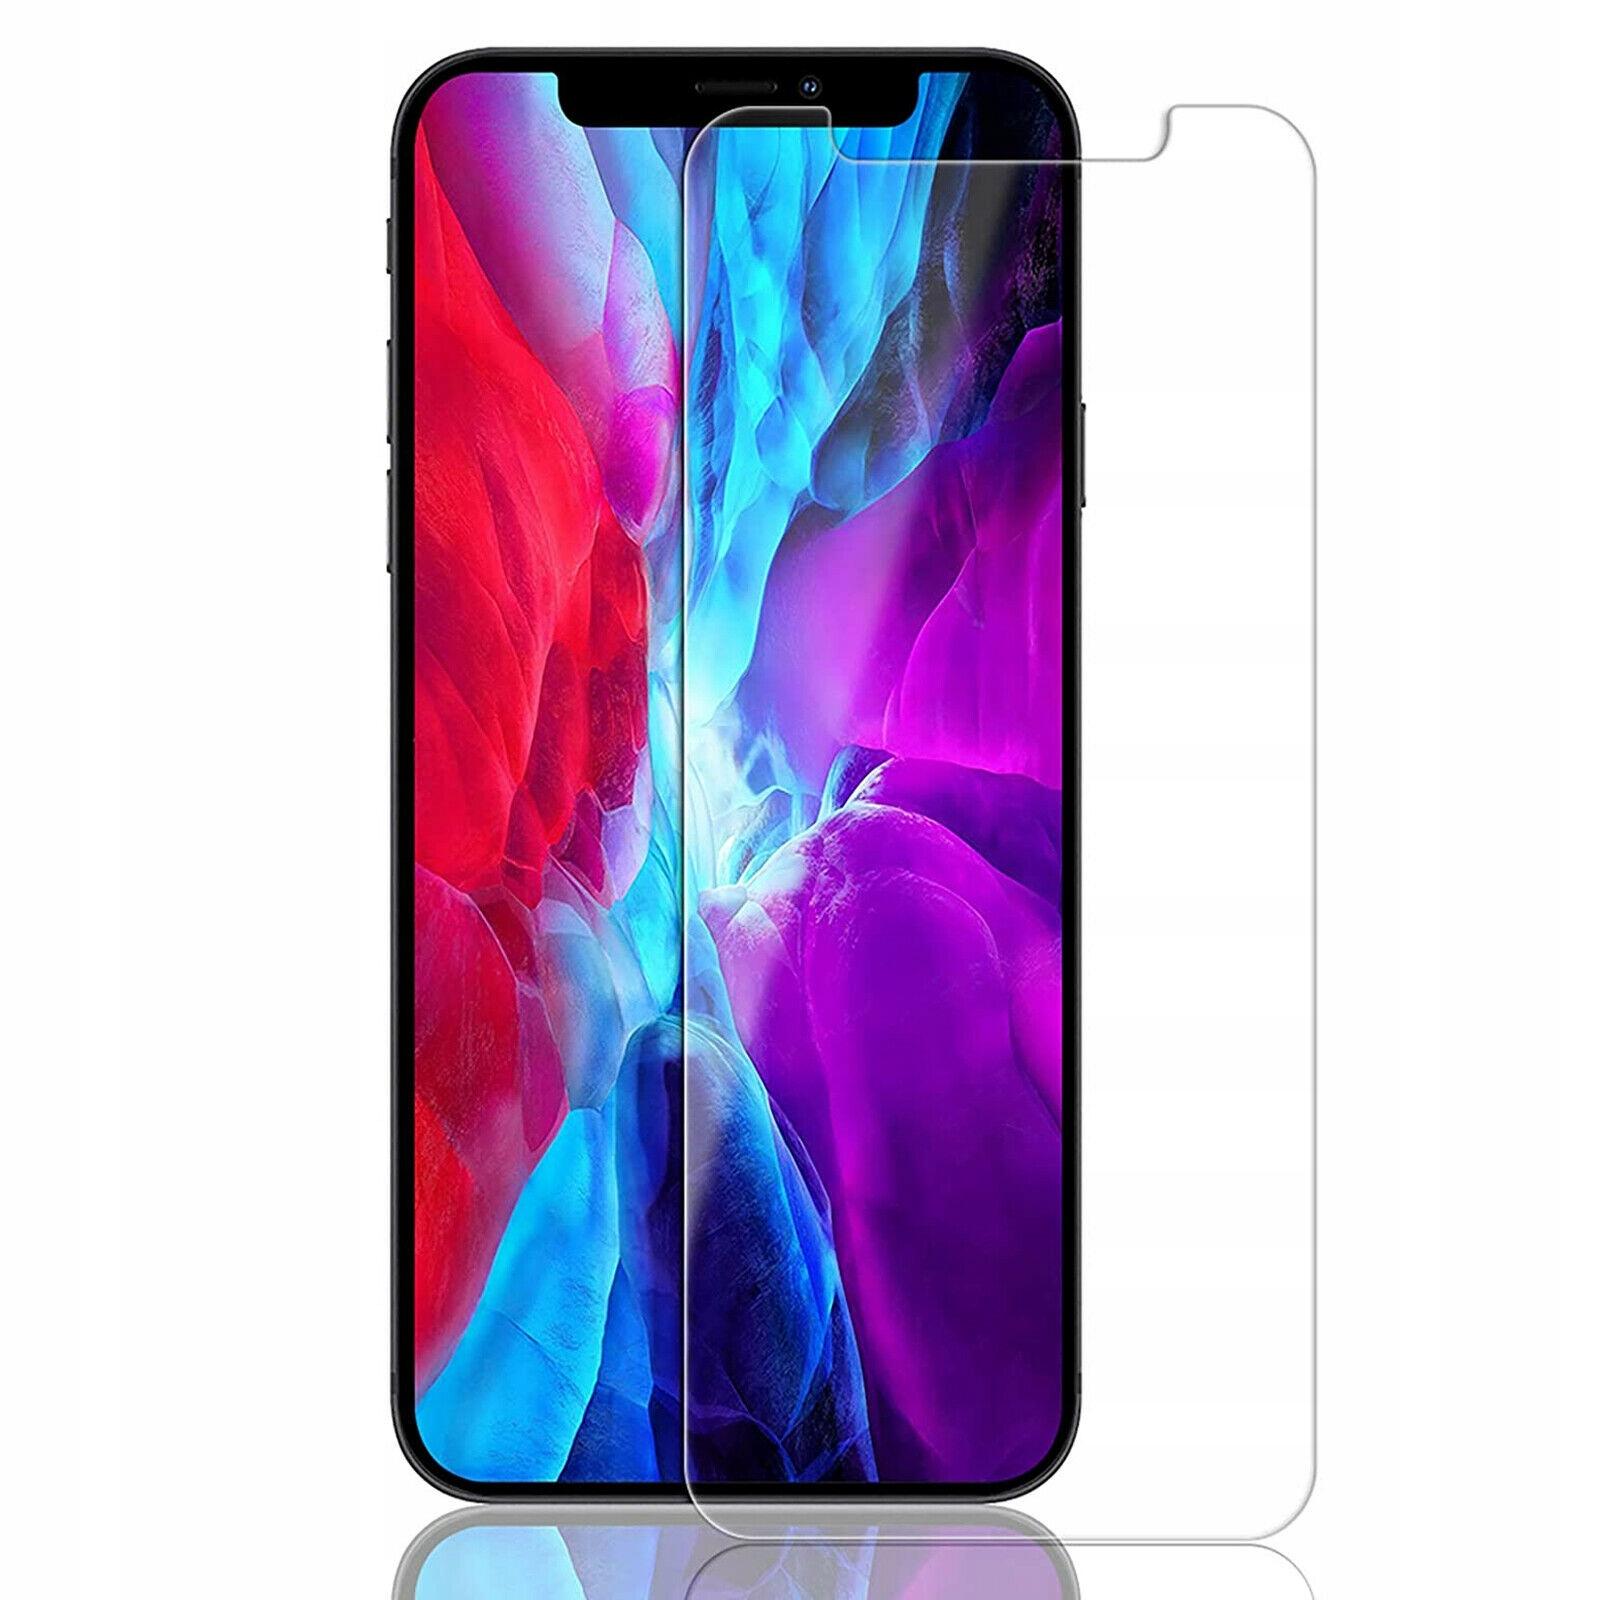 Slank CASE CLEAR + 9H glass til IPHONE 12 Mini Designet for Apple